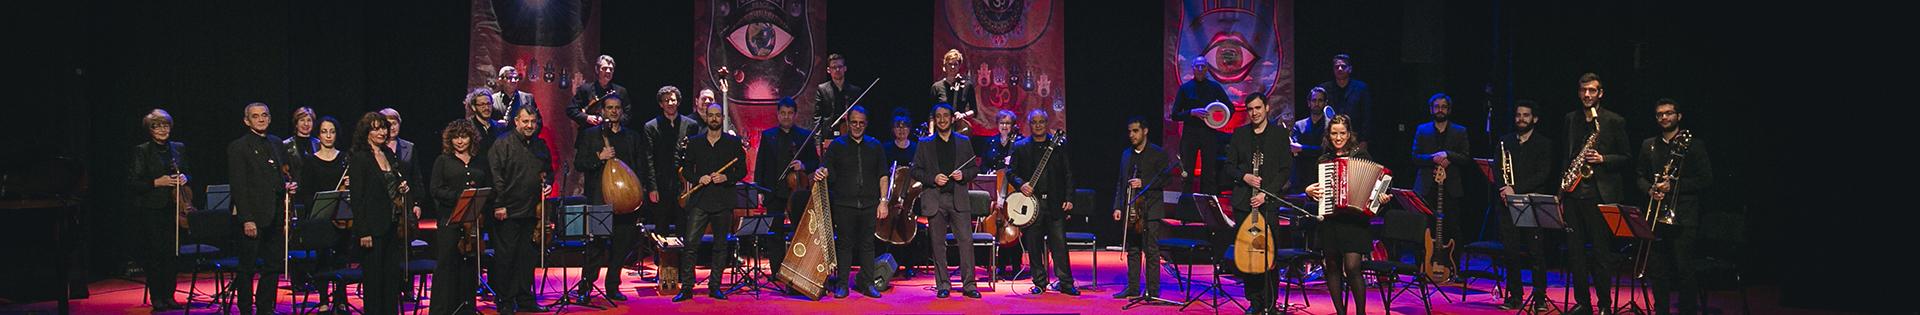 סדרת מזרח מערב באופרה הישראלית